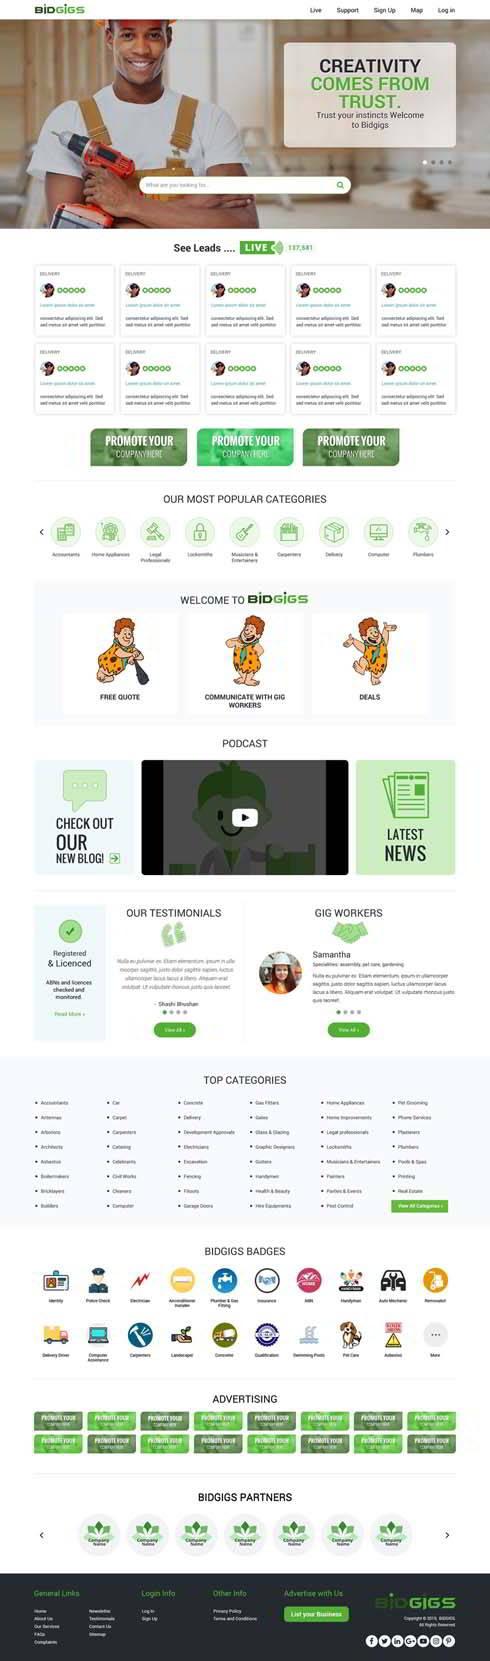 Bidgigs India Web Design